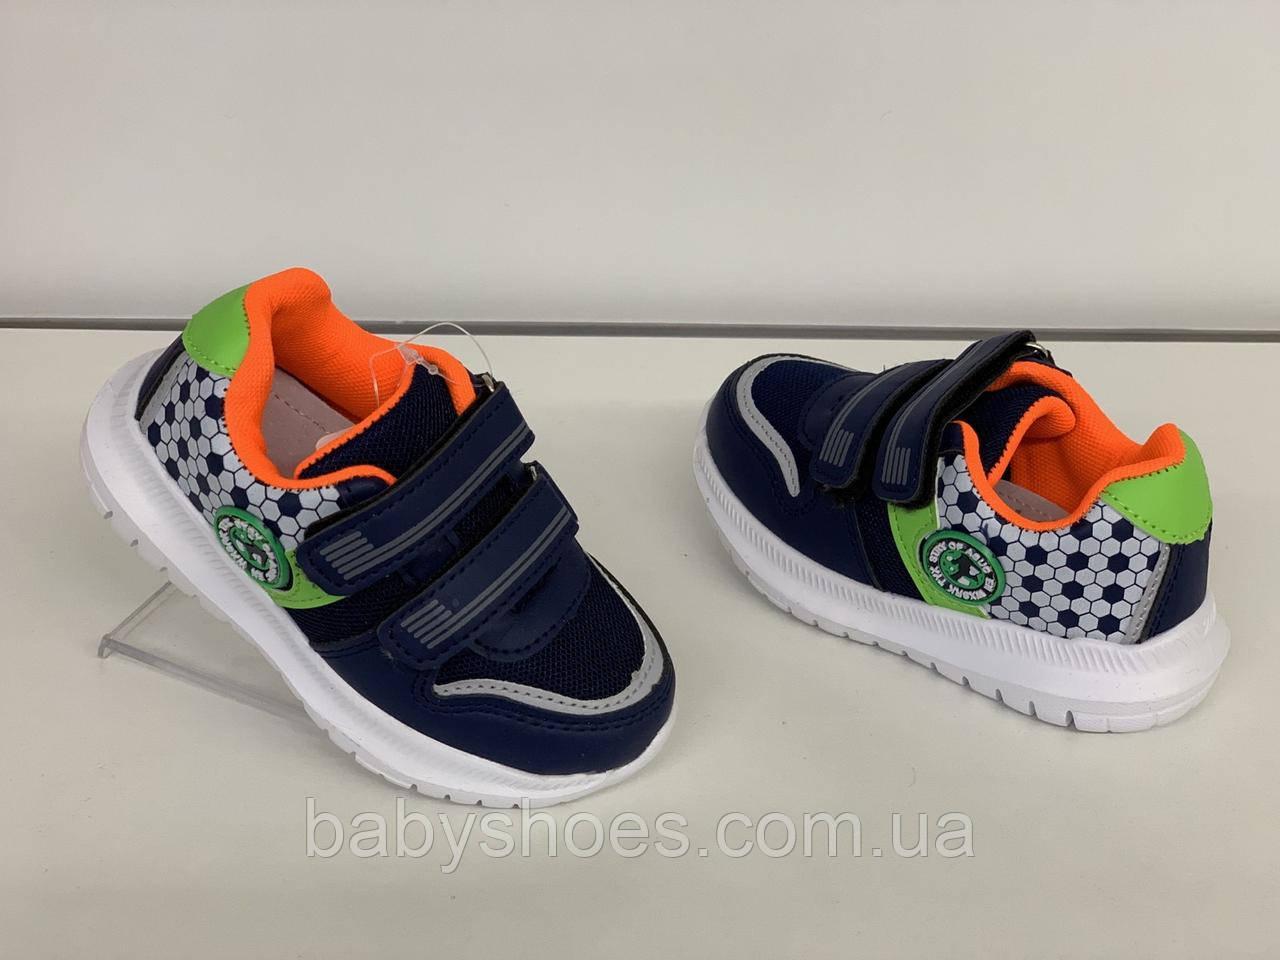 Кроссовки для мальчика Tom.m  р. 21 КМ-512